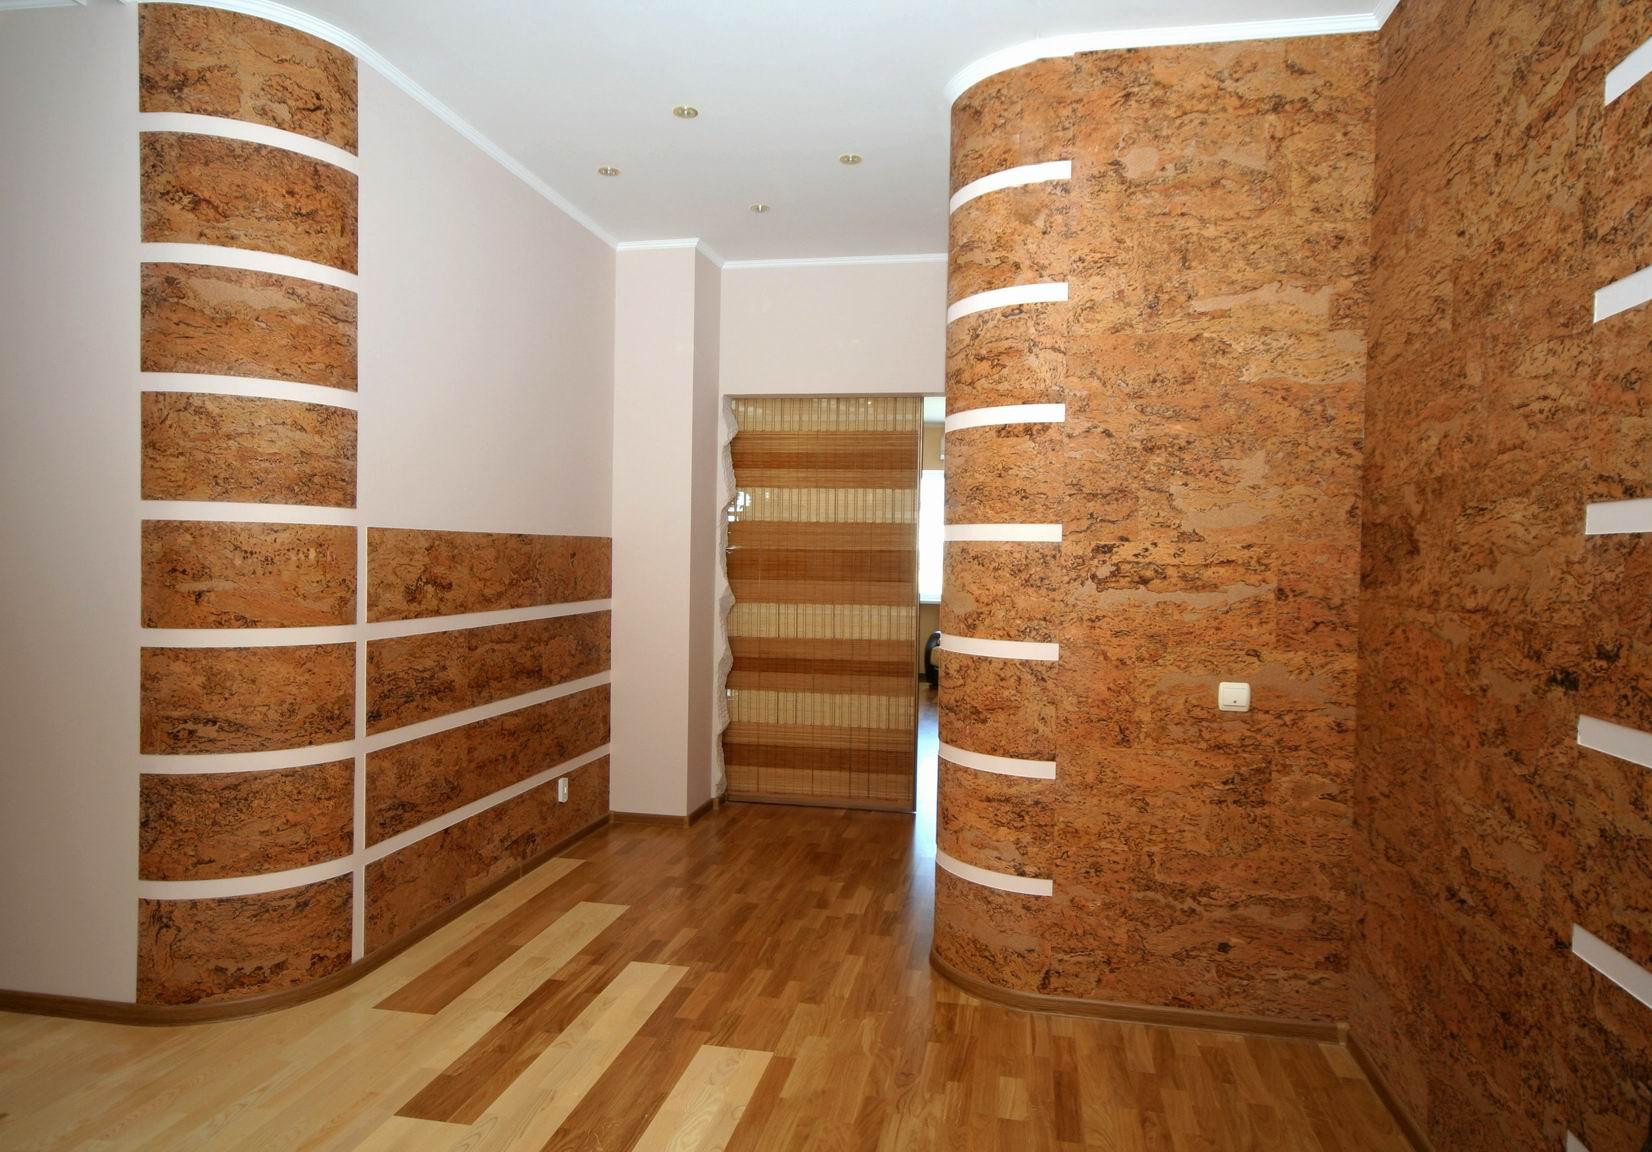 Пробковое покрытие стен – природная естественность квартирного интерьера